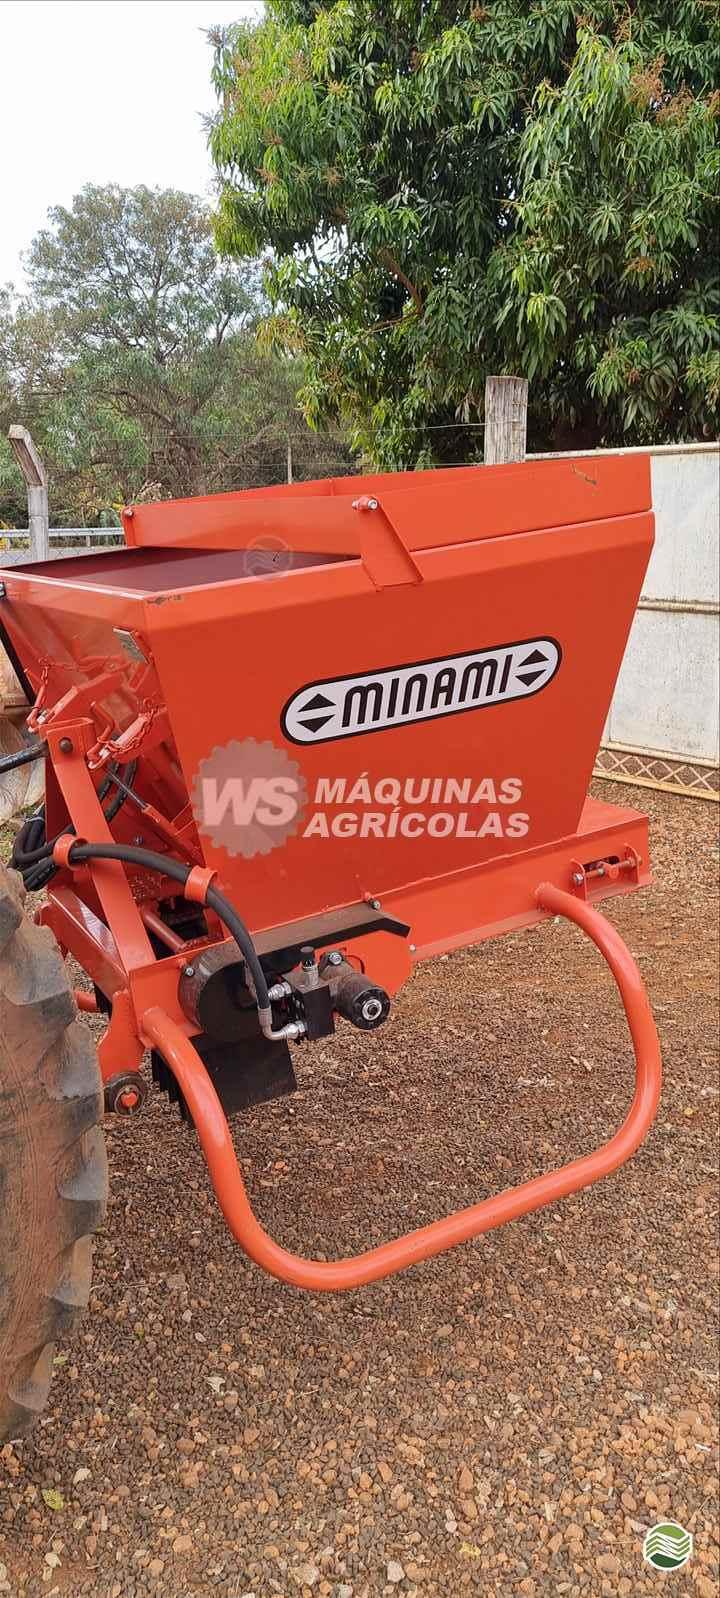 IMPLEMENTOS AGRICOLAS DISTRIBUIDOR ADUBADORA E SEMEADORA PENDULAR WS Máquinas Agrícolas SERTAOZINHO SÃO PAULO SP